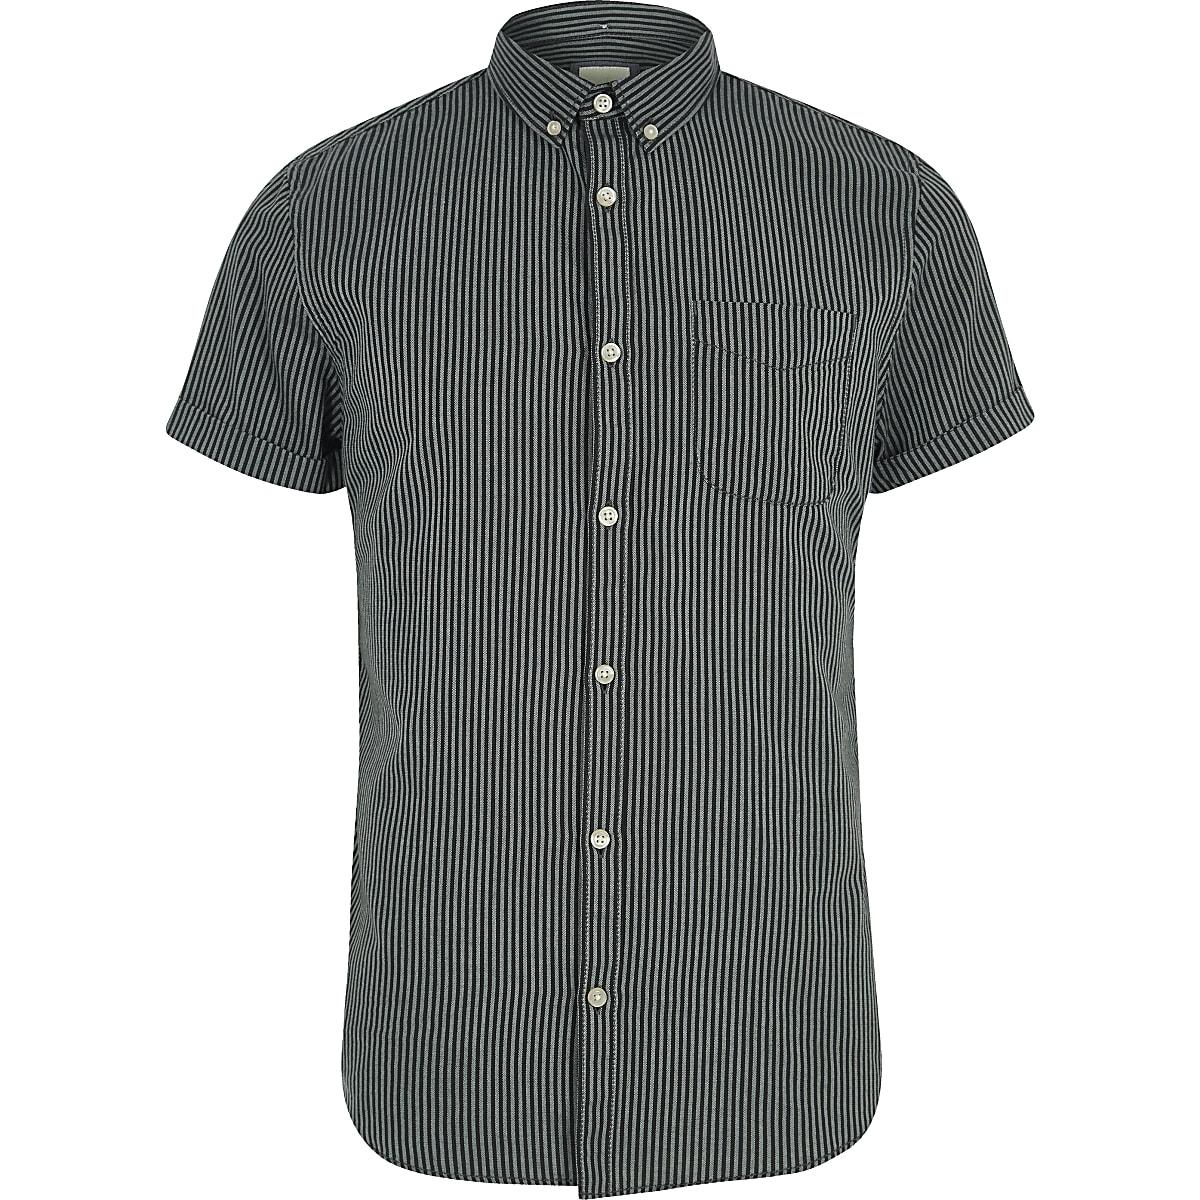 Overhemd Zwart Slim Fit.Zwart Gestreept Slim Fit Overhemd Met Korte Mouwen Overhemden Met